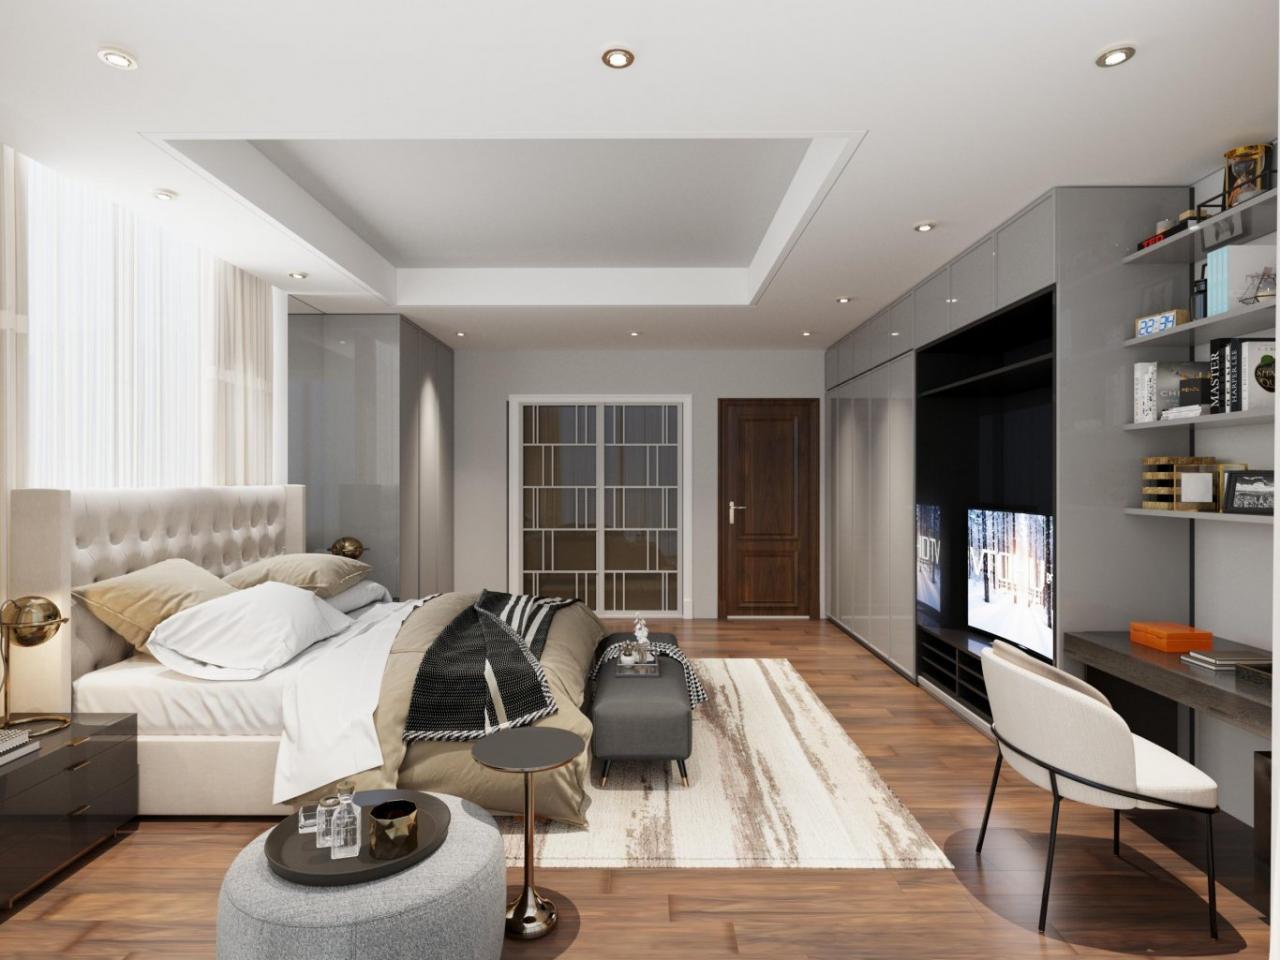 Mẫu phòng ngủ trong biệt thự tạo cảm giác thoải mái, không gian tối giản.